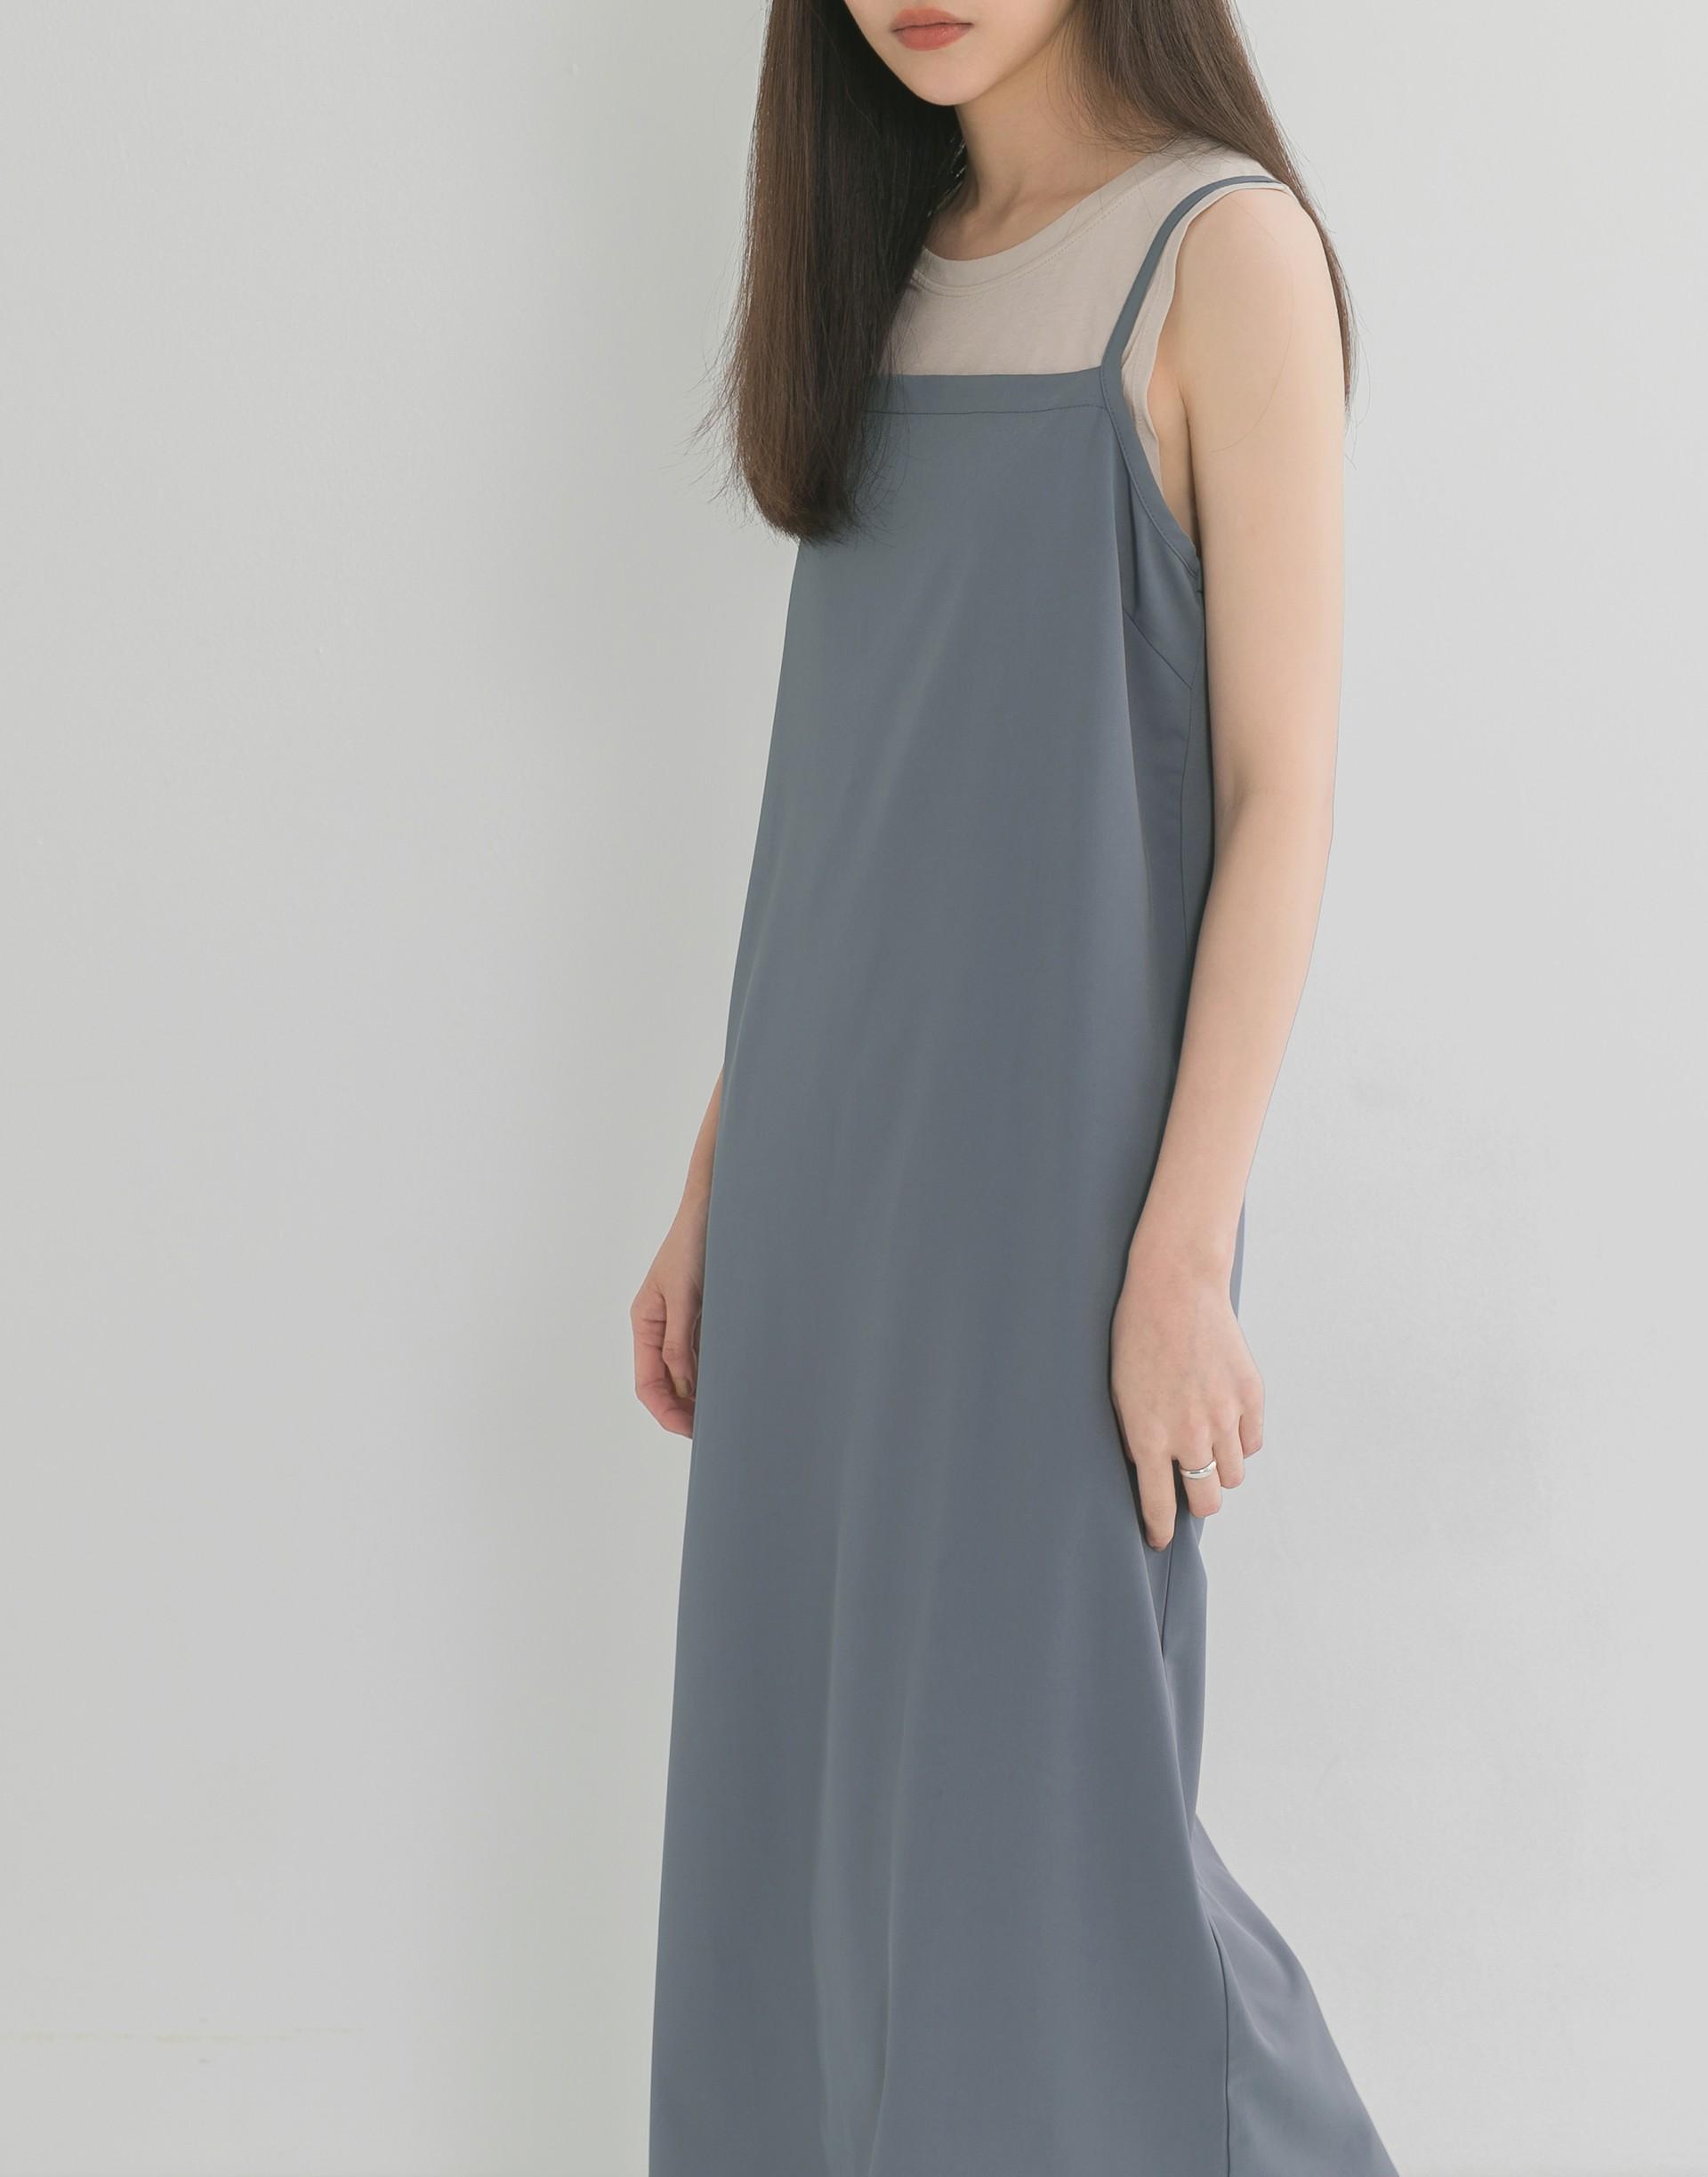 彈性:微彈 春氛柔和色系、極簡的平口設計、可調式細肩帶 白色有透膚感 建議加內著穿搭